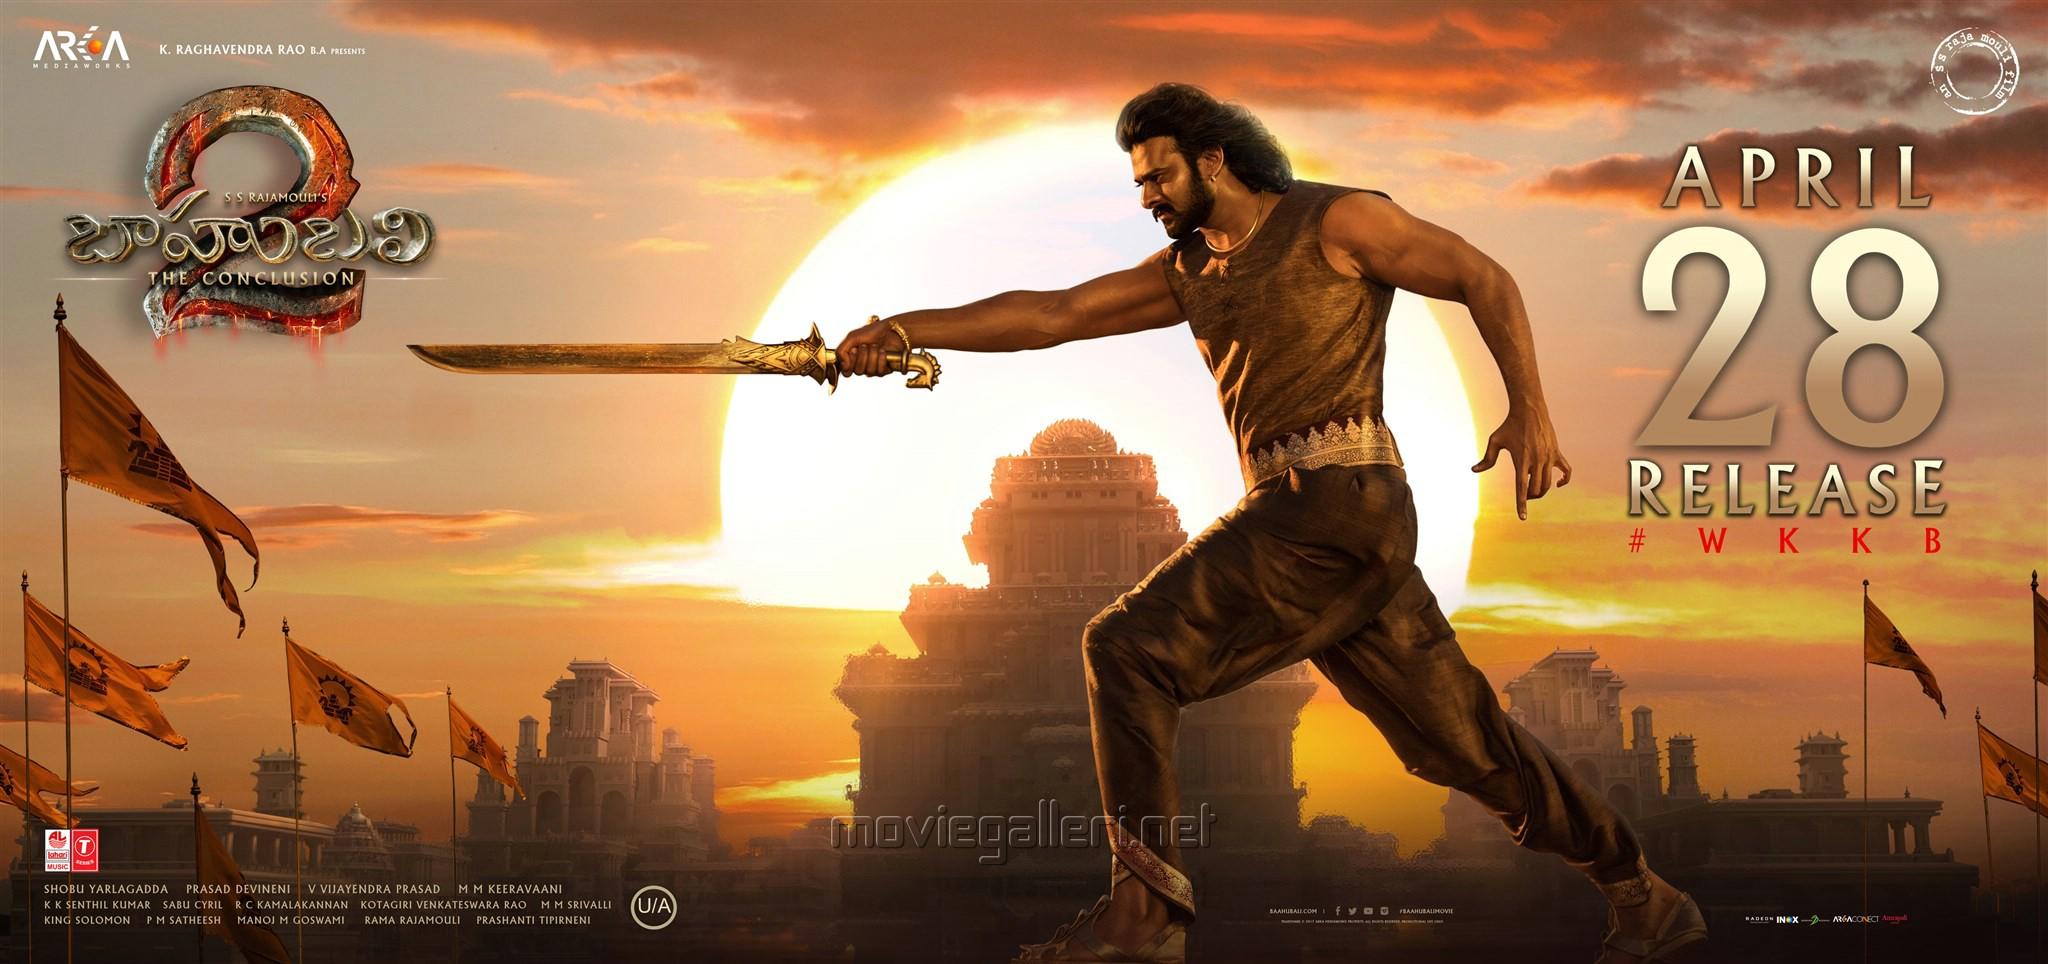 Actor Prabhas in Baahubali 2 Movie April 28 Release Wallpapers